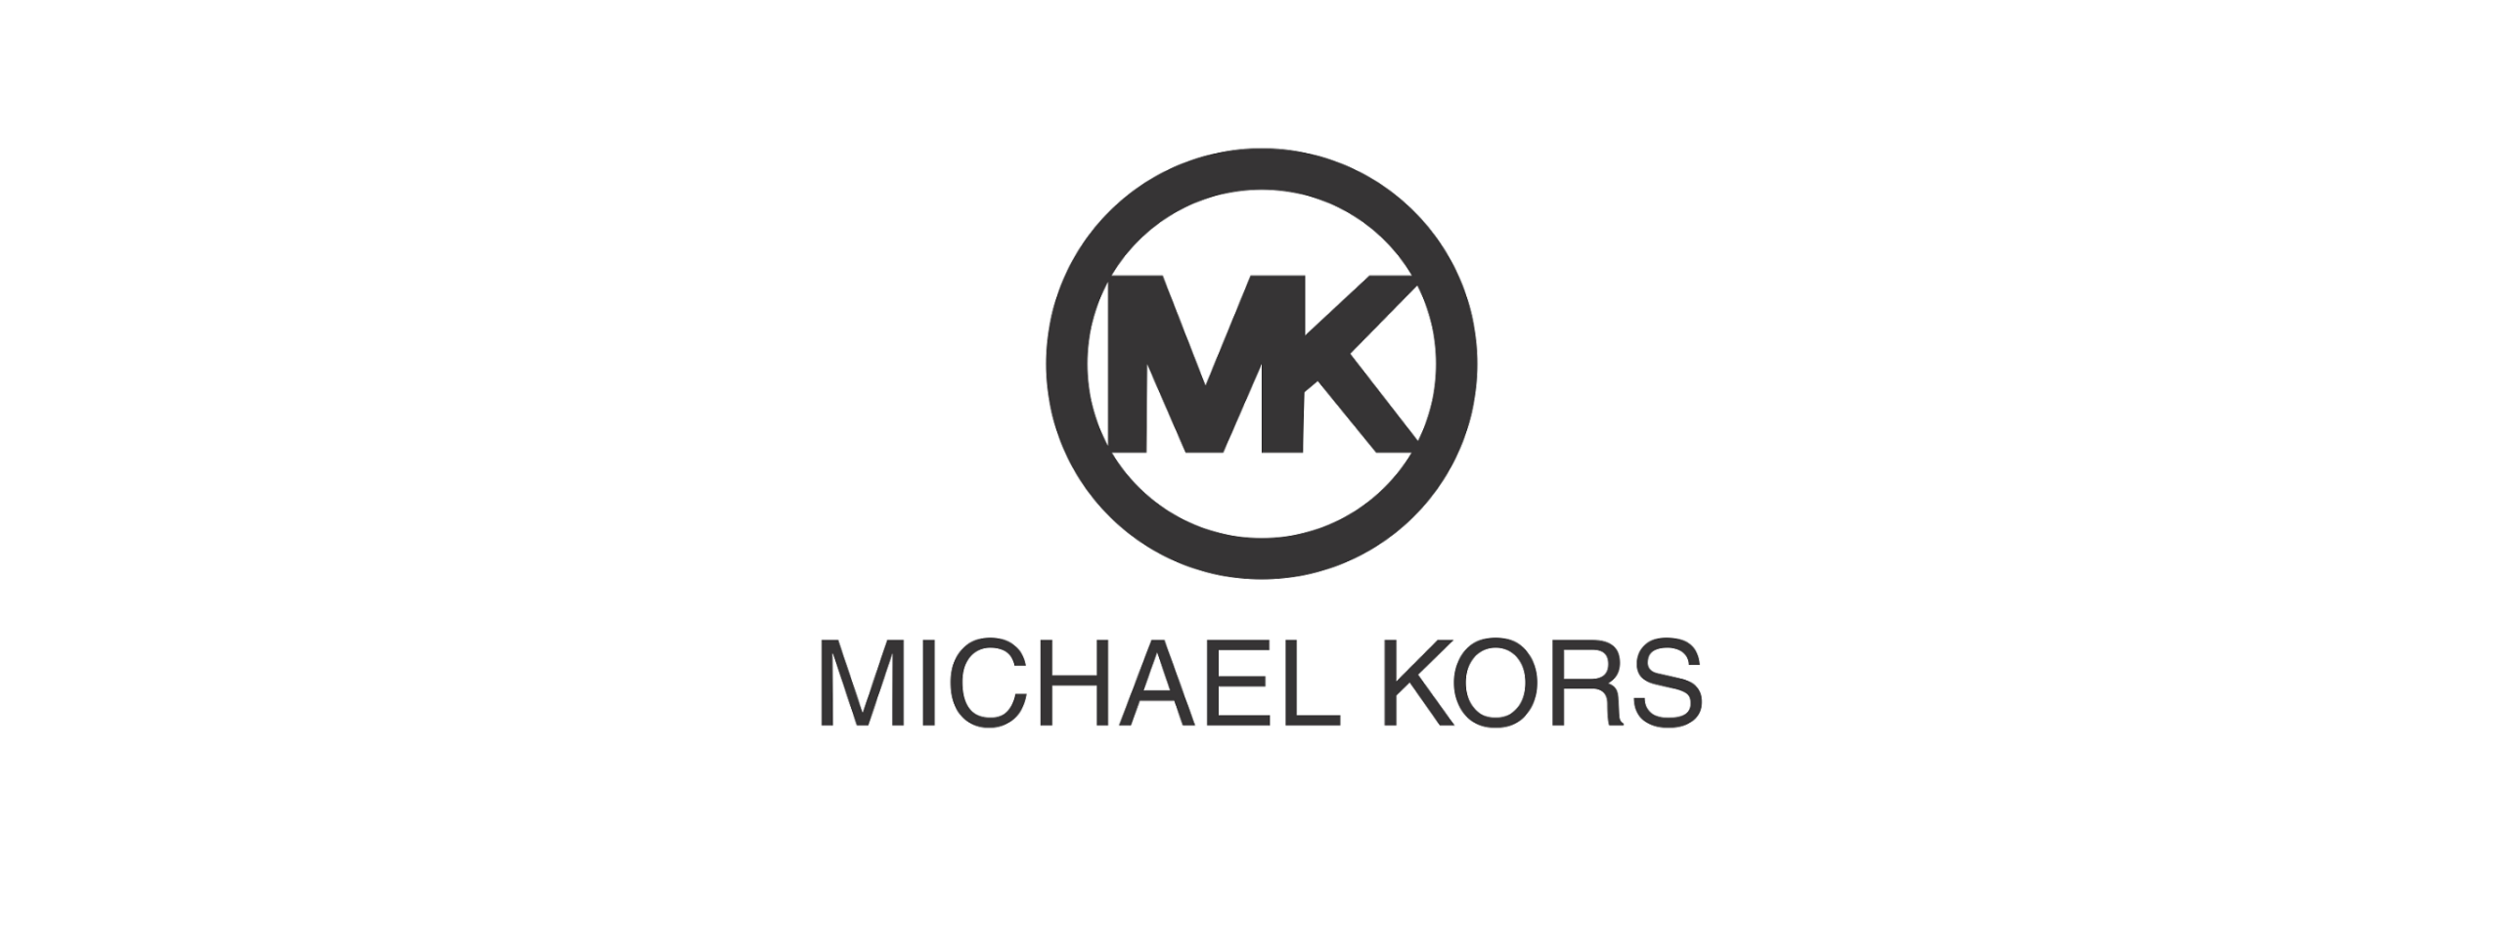 Michael Kors Logo.jpg